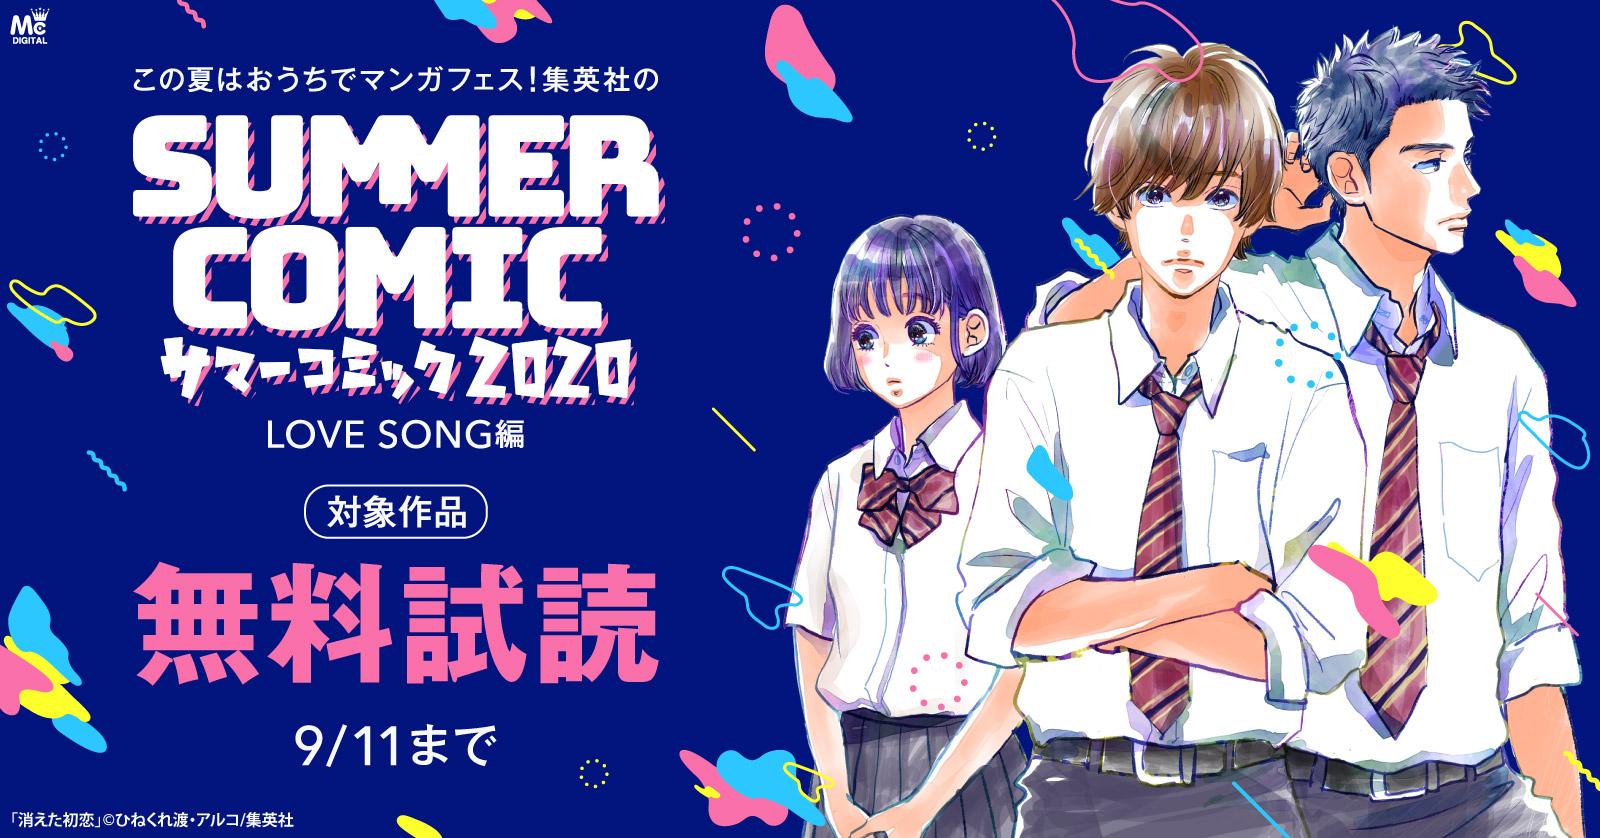 この夏はおうちでマンガフェス! 集英社の「SUMMER COMIC 2020」 LOVE SONG編  恋の季節ももうすぐ終わり…。そんな晩夏に珠玉の恋愛漫画で恋い焦がれろ!!